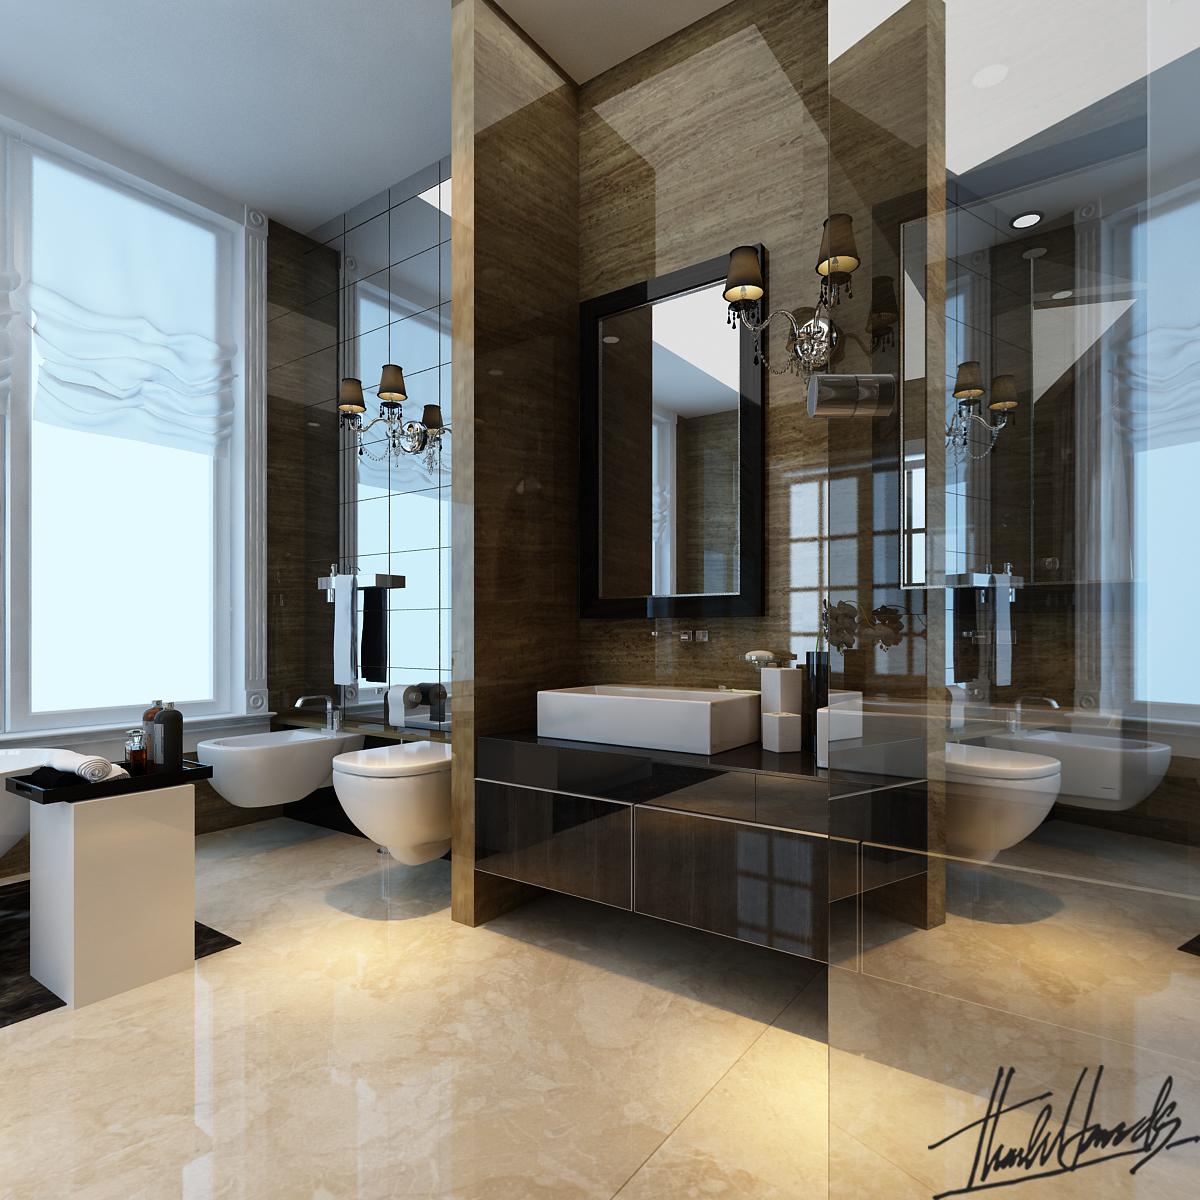 thiết kế nội thất Biệt Thự tại Hà Nội Biệt thự - Việt Hưng  24 1568273826